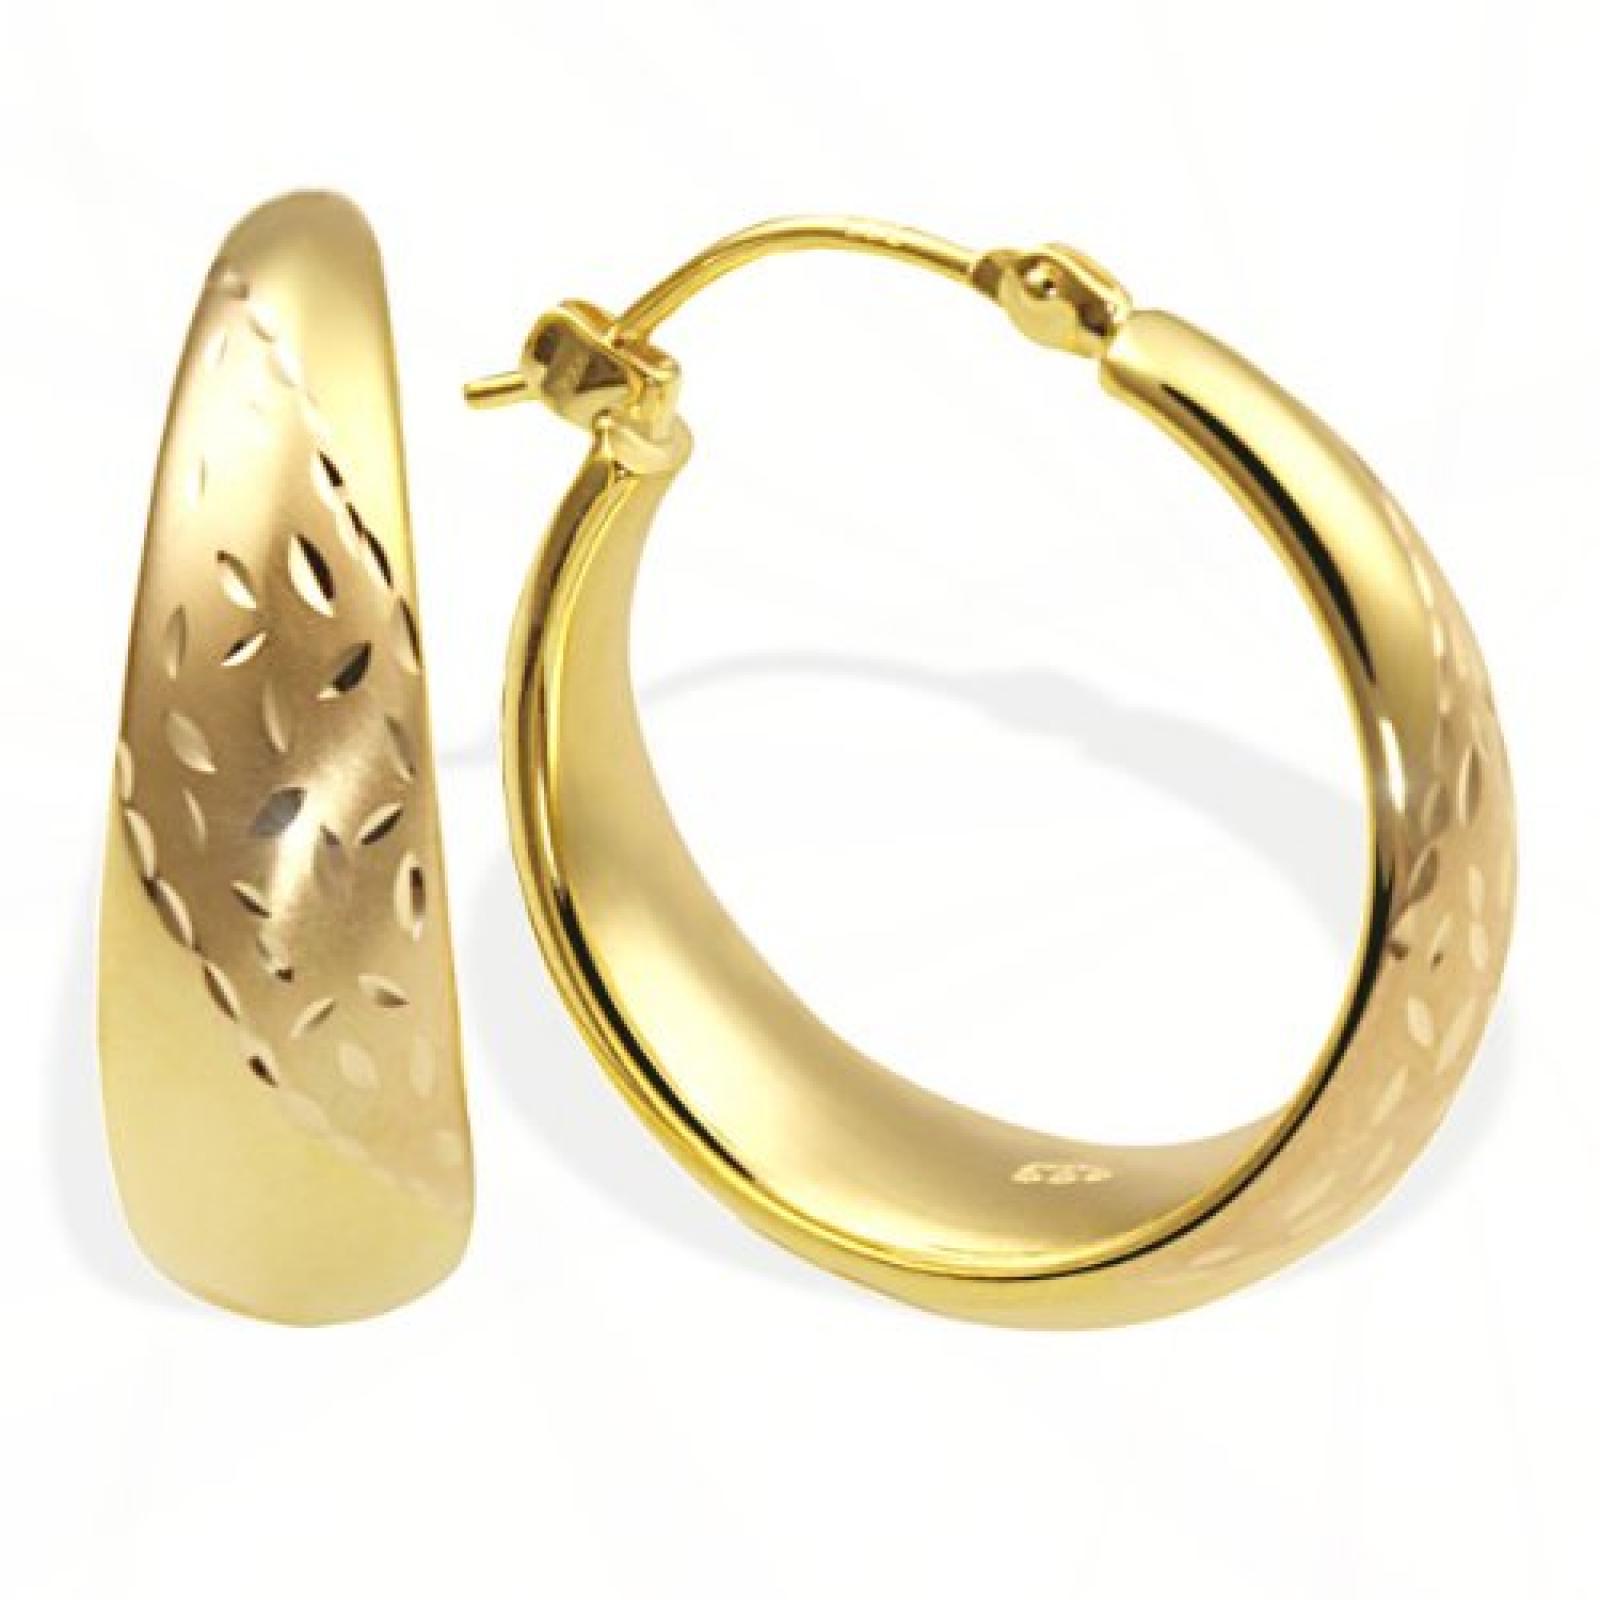 Goldmaid Damen-Creolen 333 Gelbgold Pr O4332GG